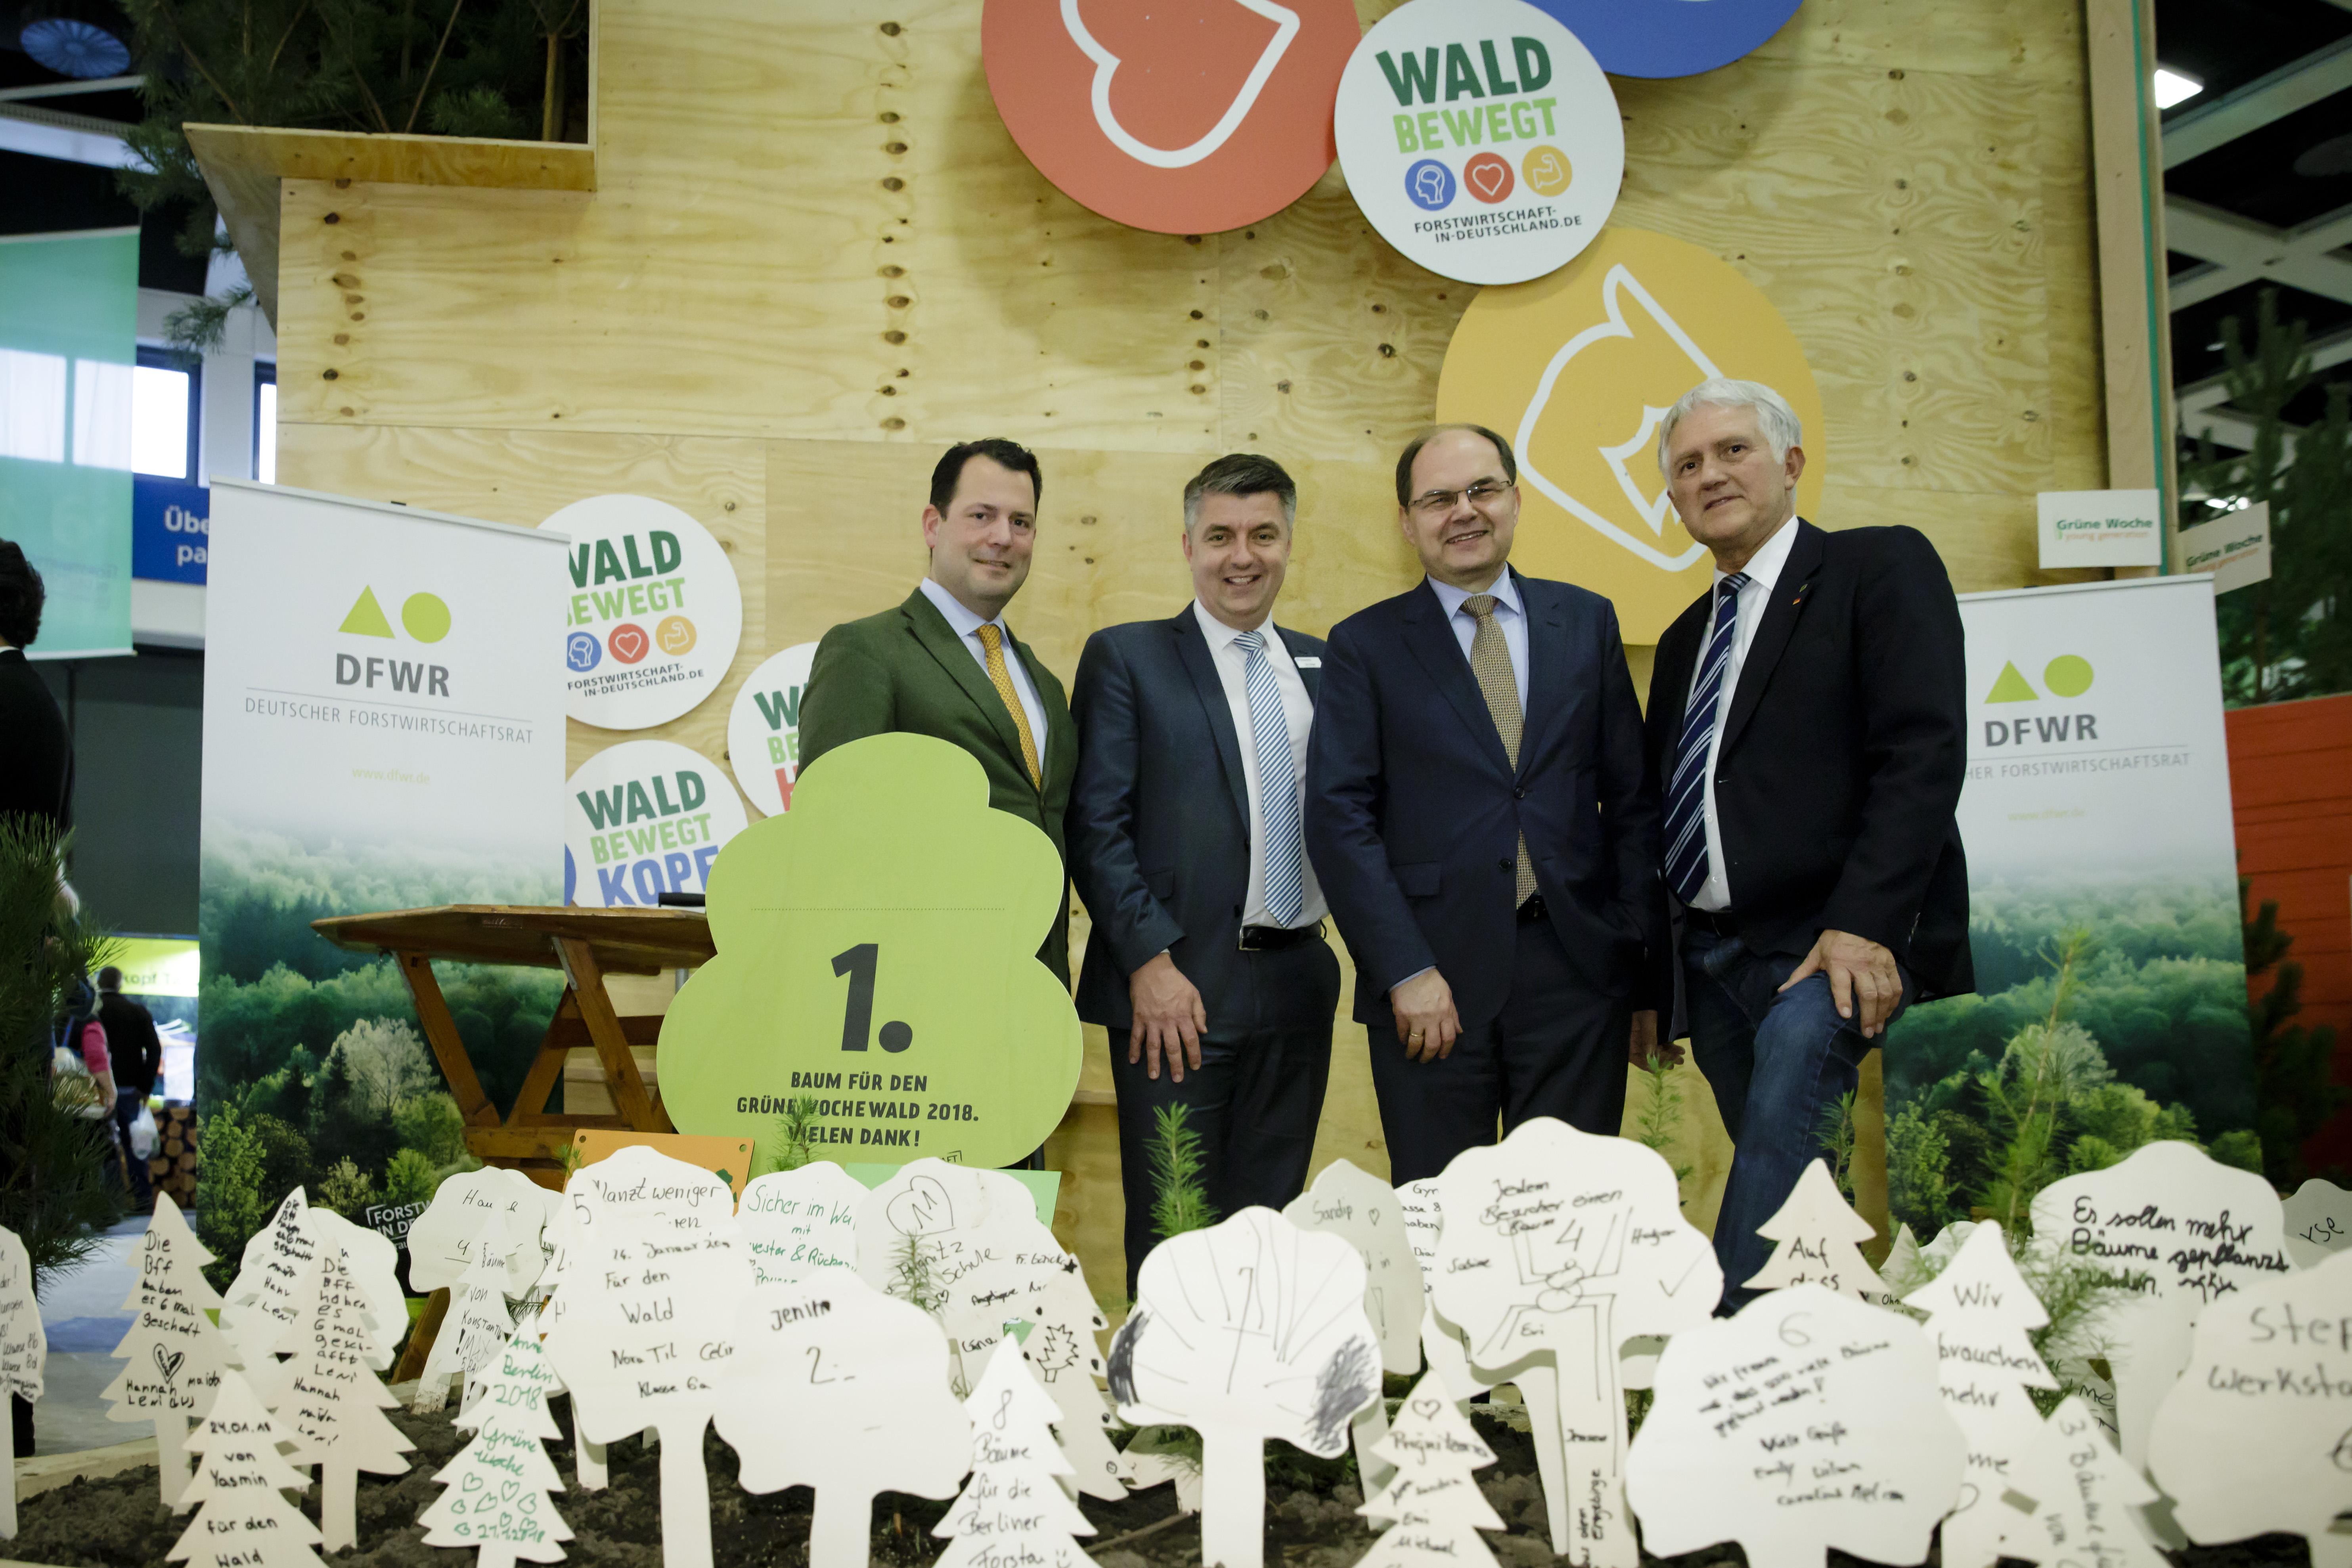 AGDW-Präsident Philipp zu Guttenberg mit ehem. Bundesminister Christian Schmidt und Projektleiter Lars Jäger